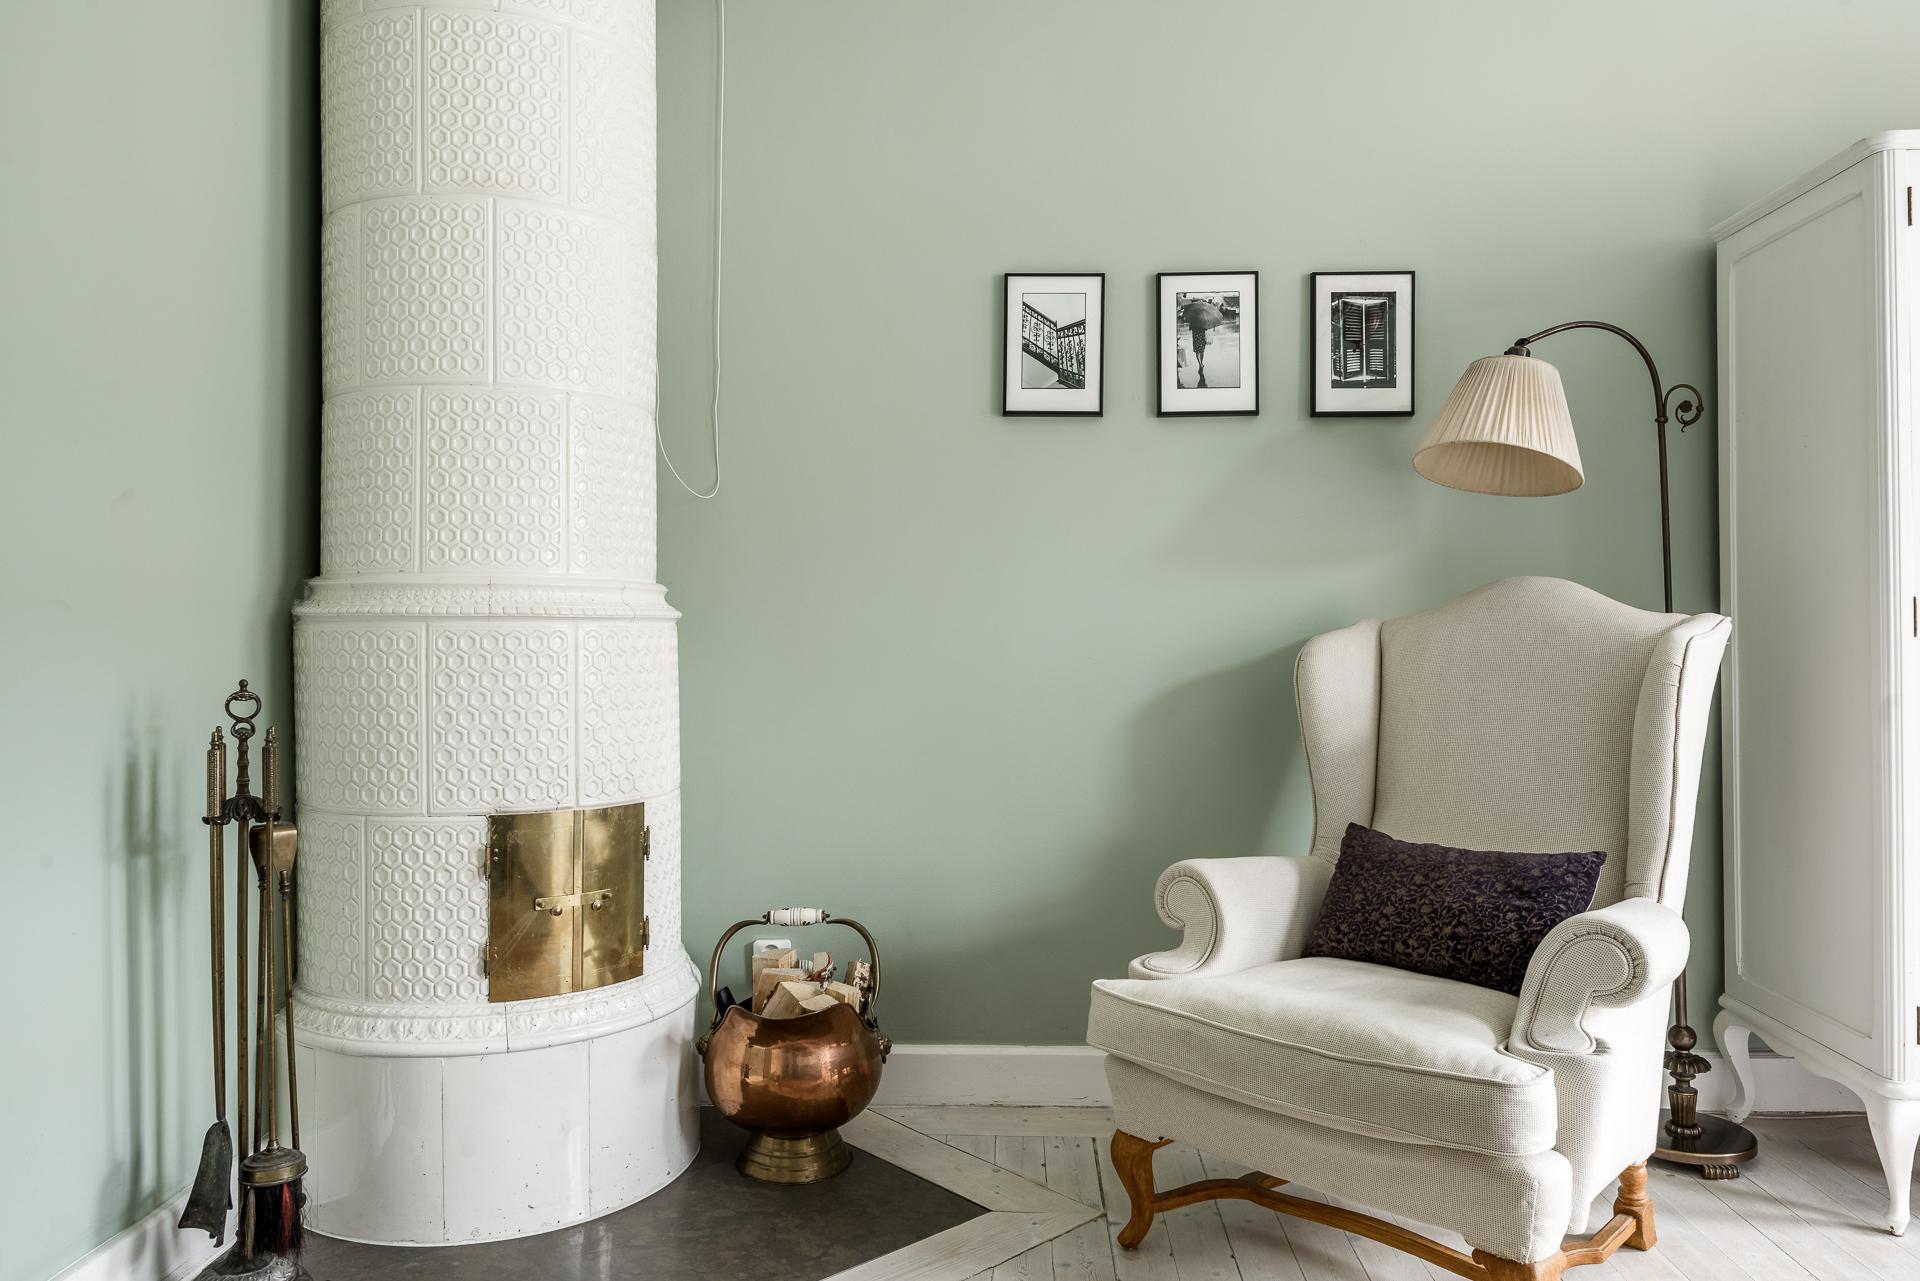 спальня зеленые стены израсцовая печь кресло